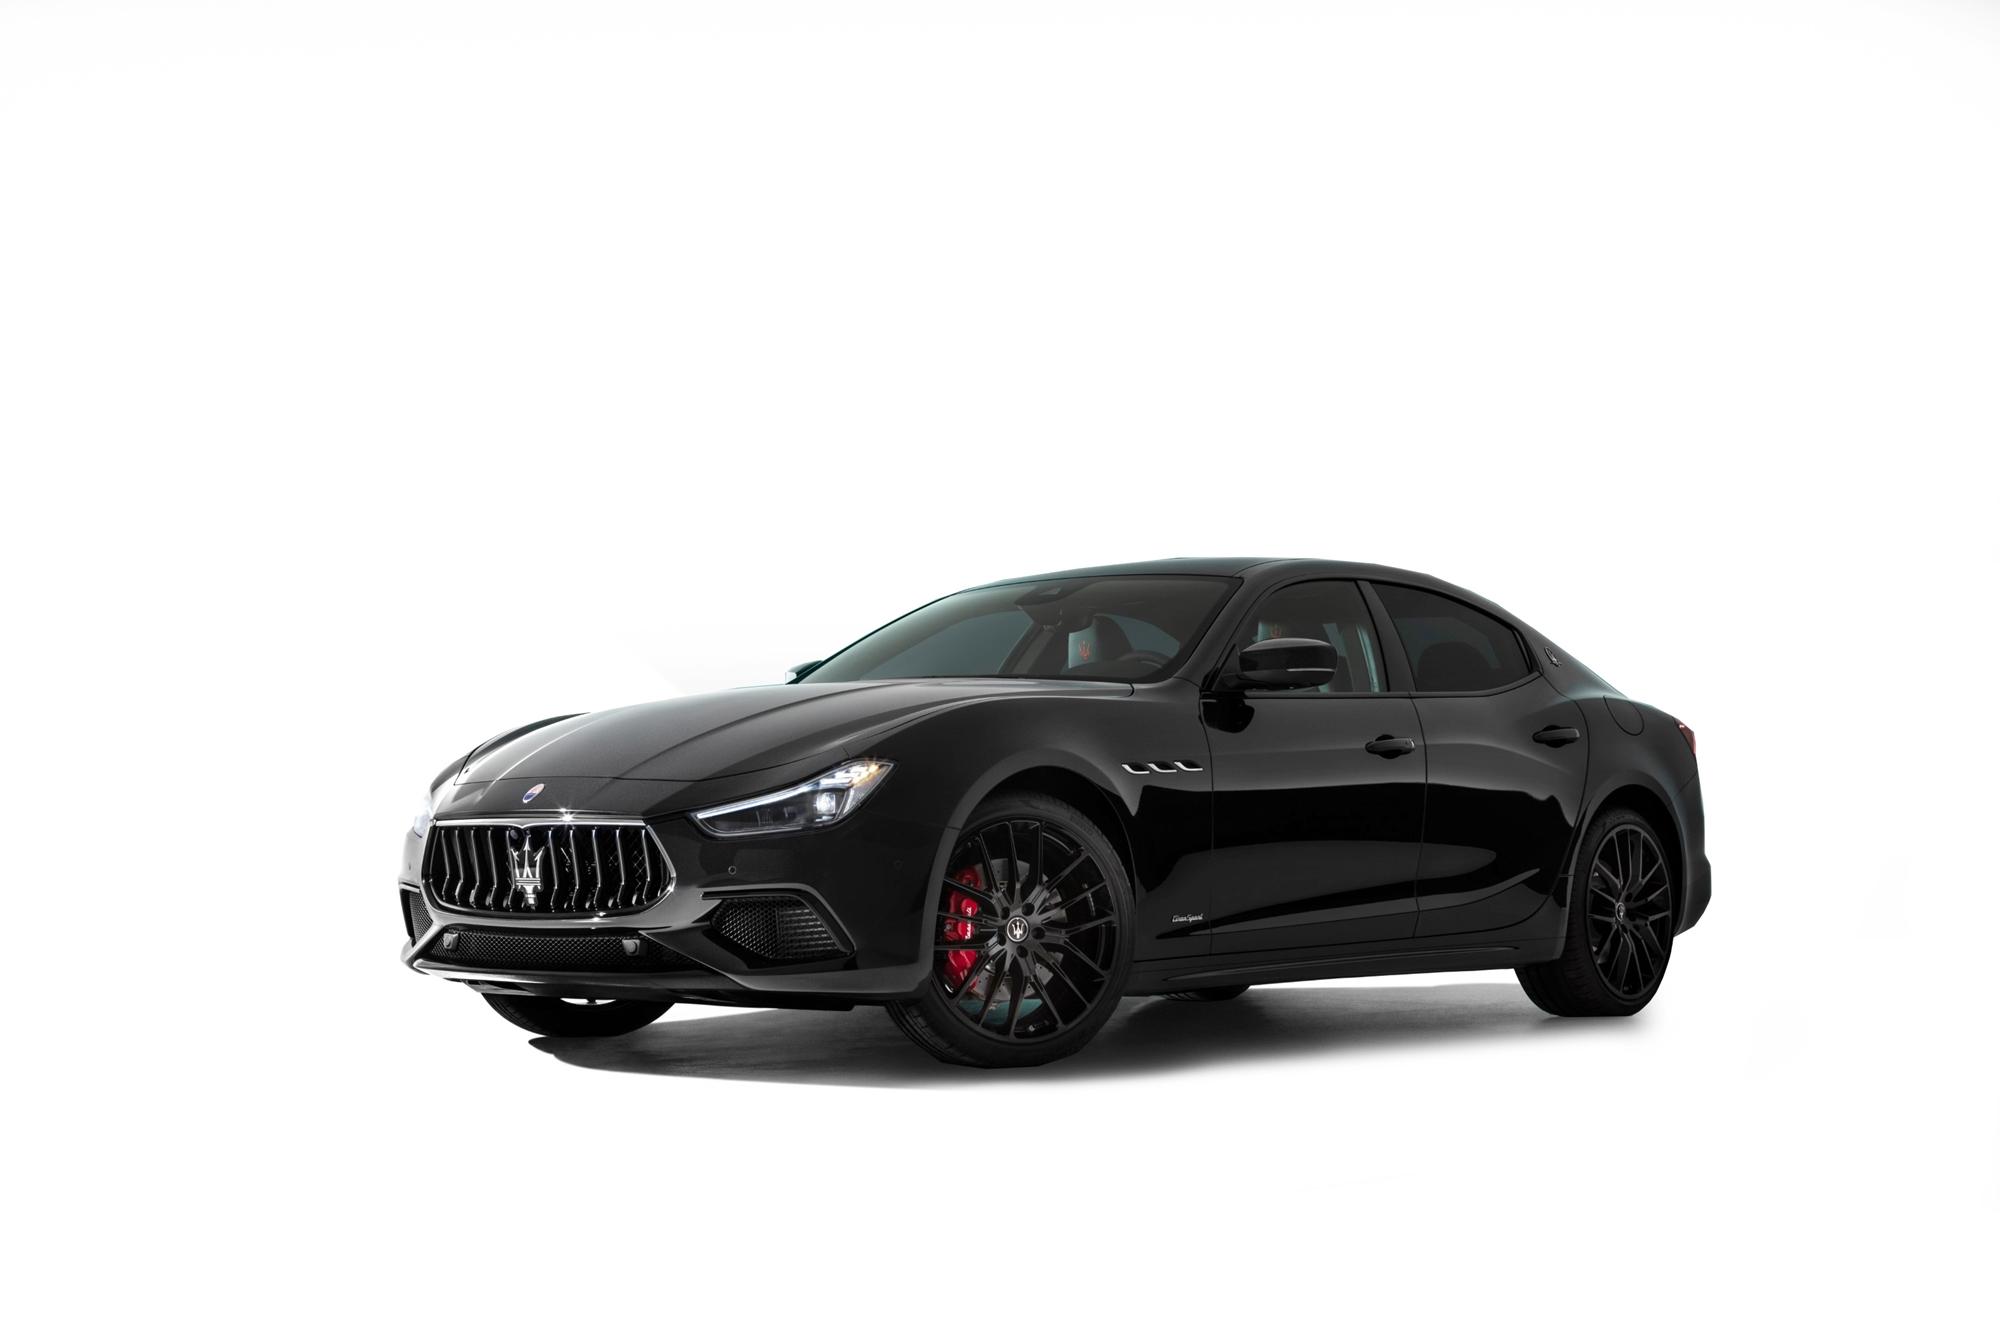 2021 Maserati Ghibli S Q4 GranSport Full Specs, Features ...